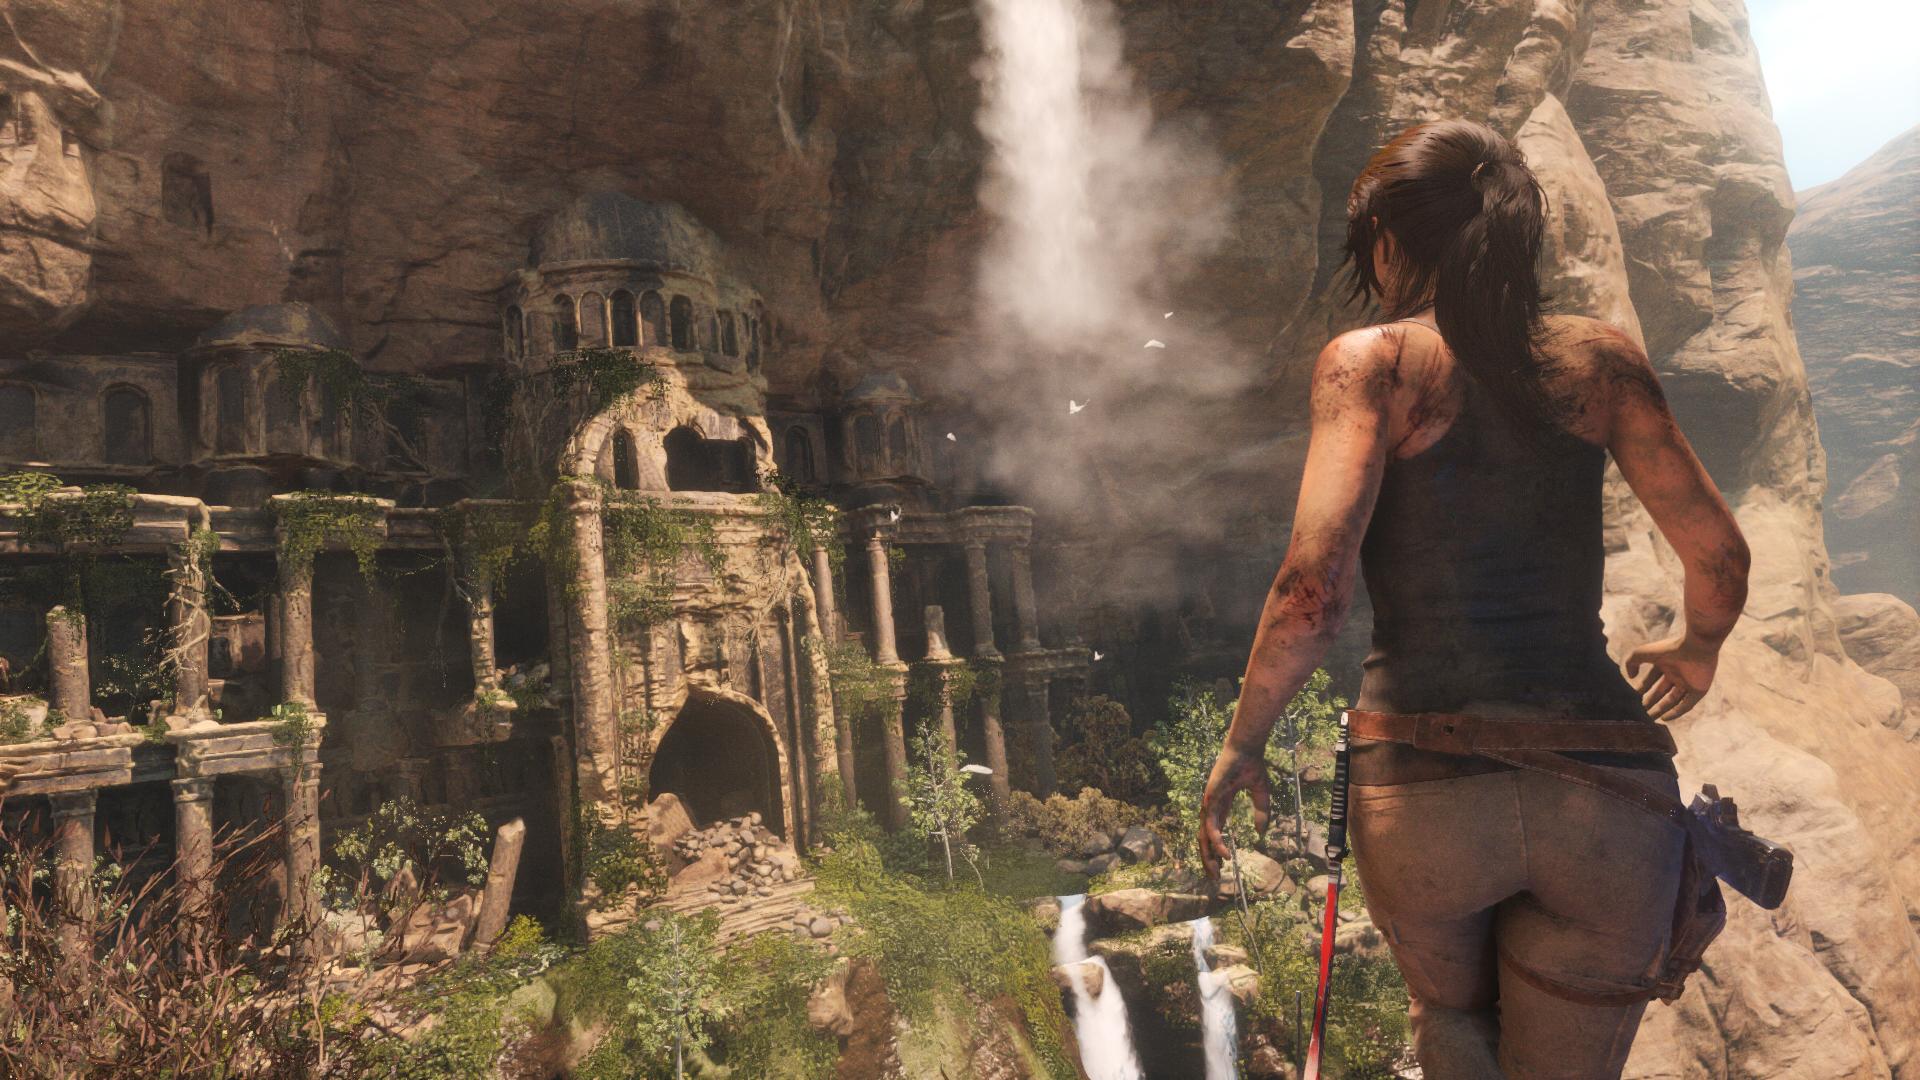 Lara zmierza w stronę opuszczonych (czy aby na pewno...?) ruin.